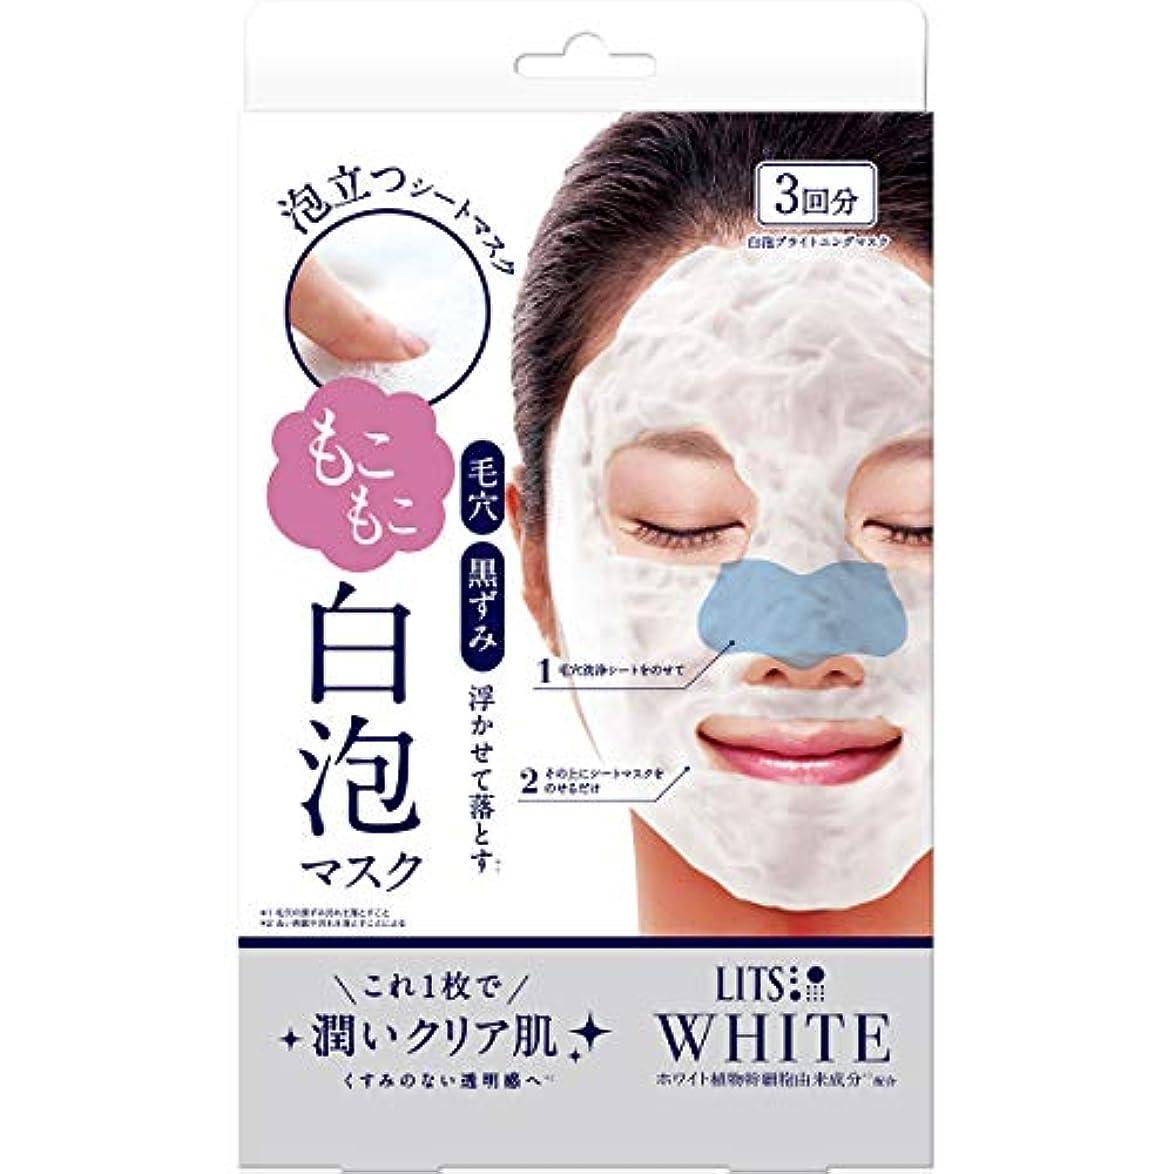 嫉妬れんが集計リッツ ホワイト もこもこ白泡マスク 3枚